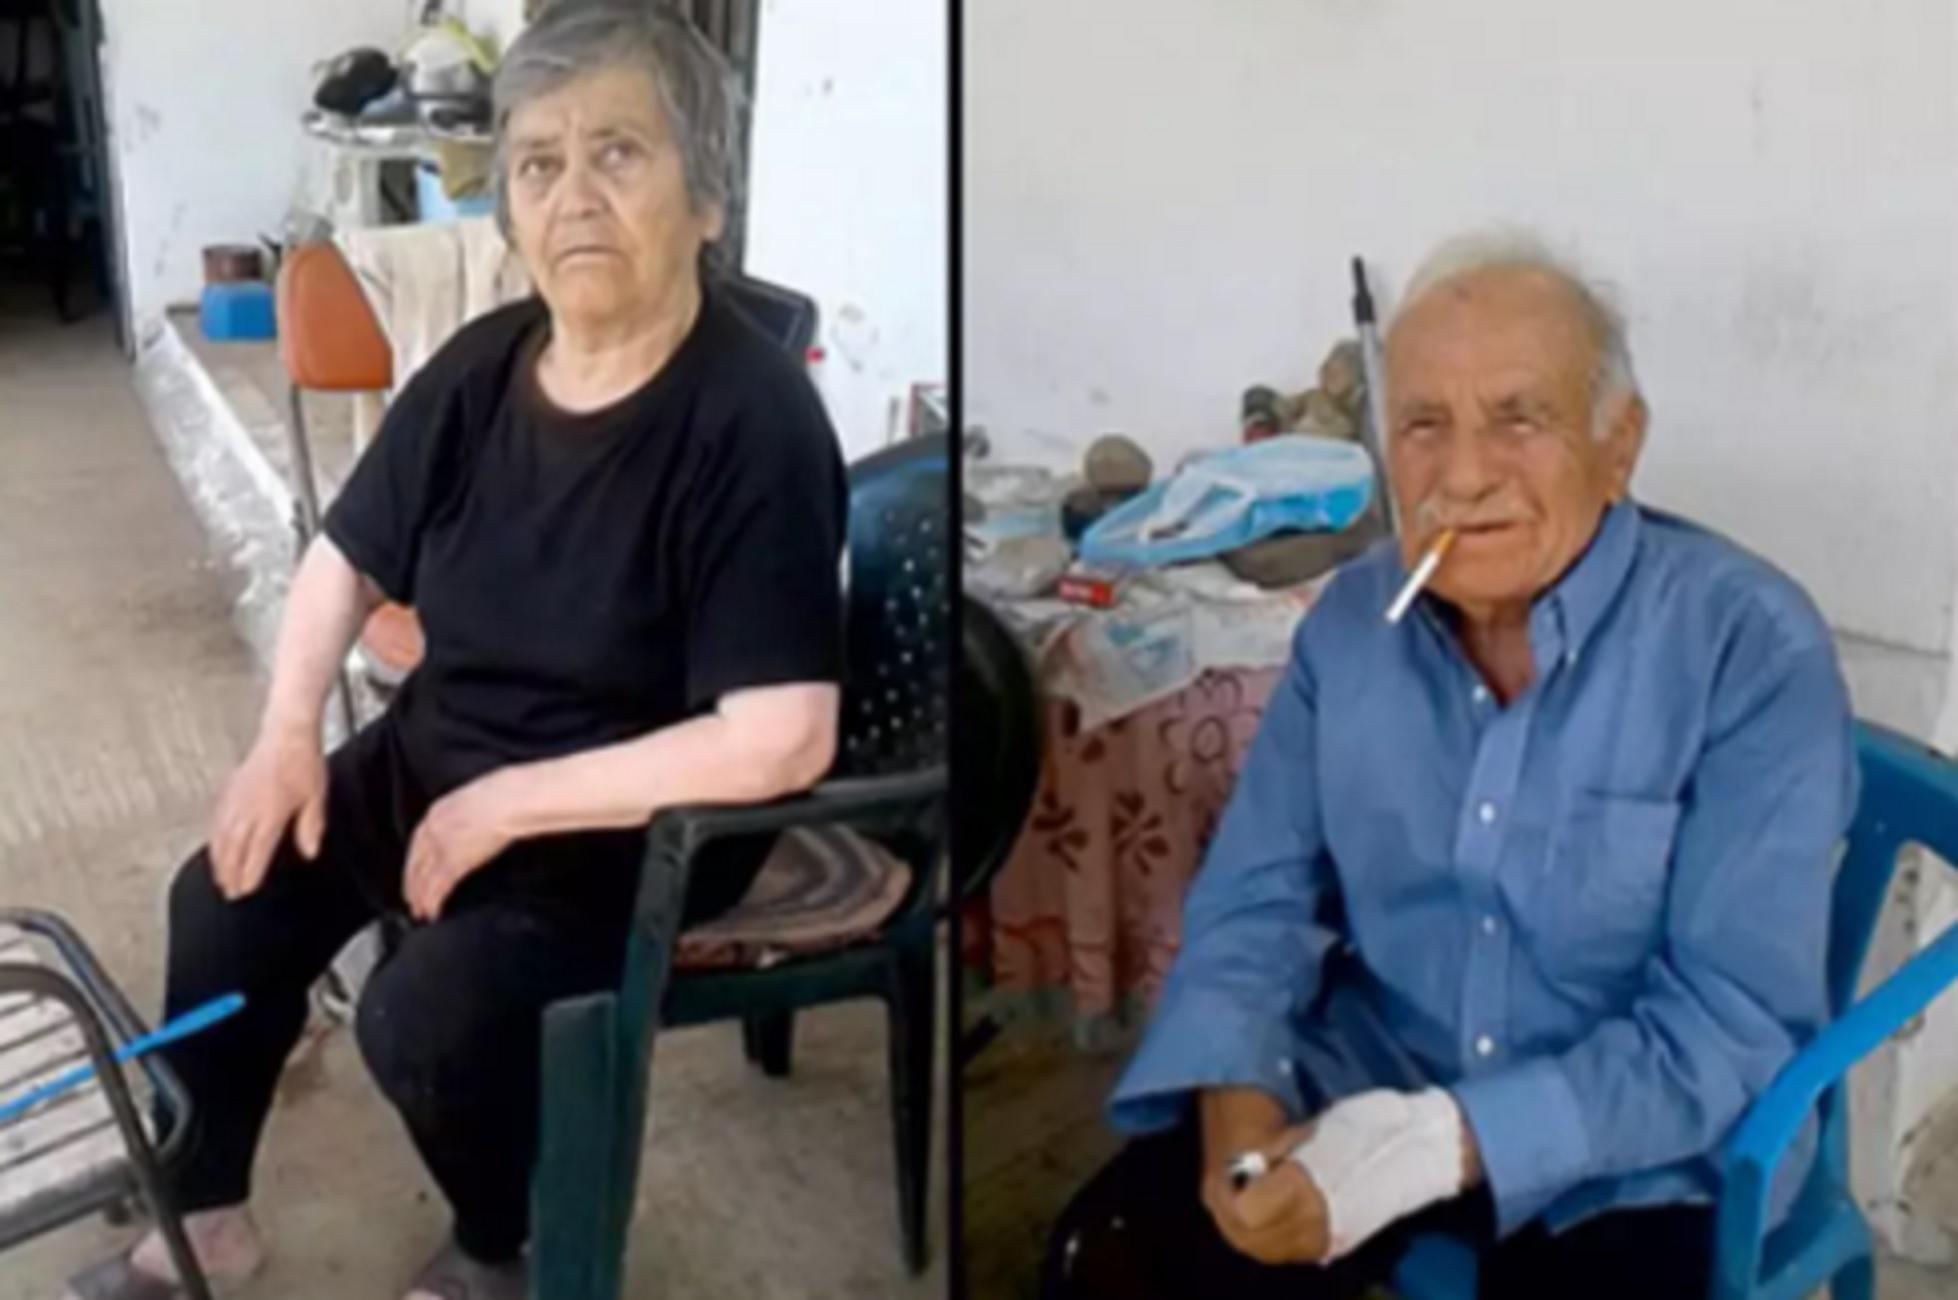 Αιτωλοακαρνανία: Εξελίξεις για τη φονική ληστεία στο Χαλκιόπουλο – Το νέο στοιχείο από τα εγκληματολογικά